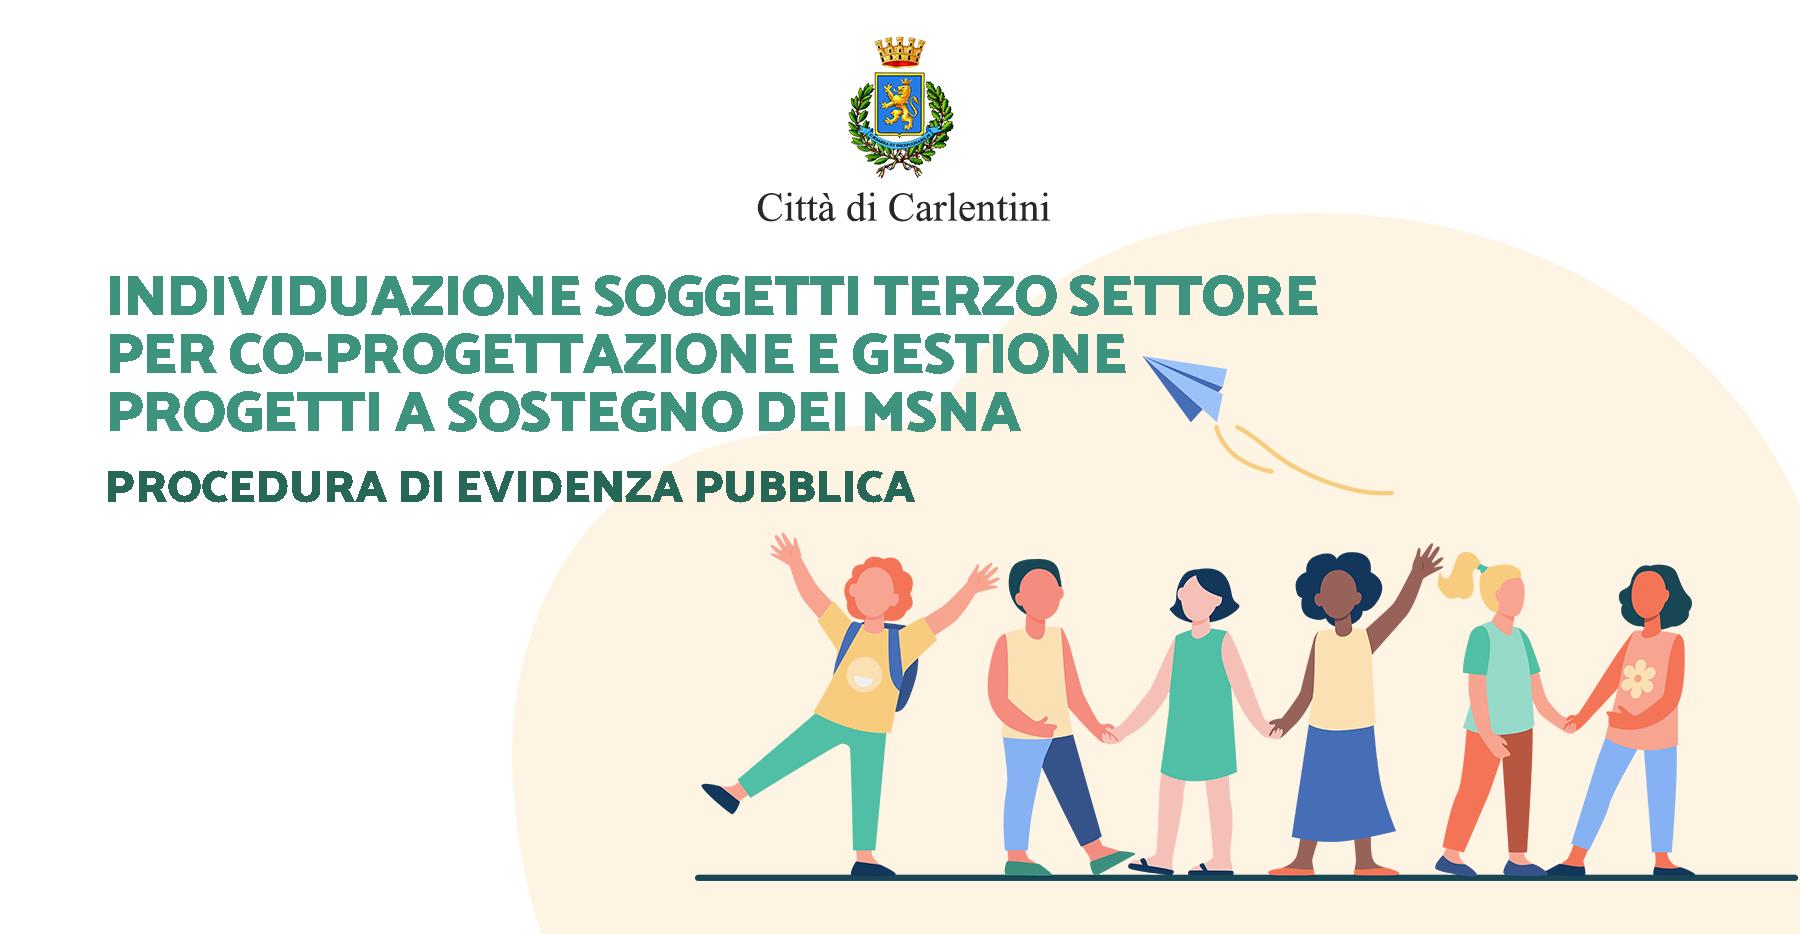 Individuazione soggetti Terzo Settore per co-progettazione e gestione progetti a sostegno dei MSNA: Procedura di evidenza pubblica